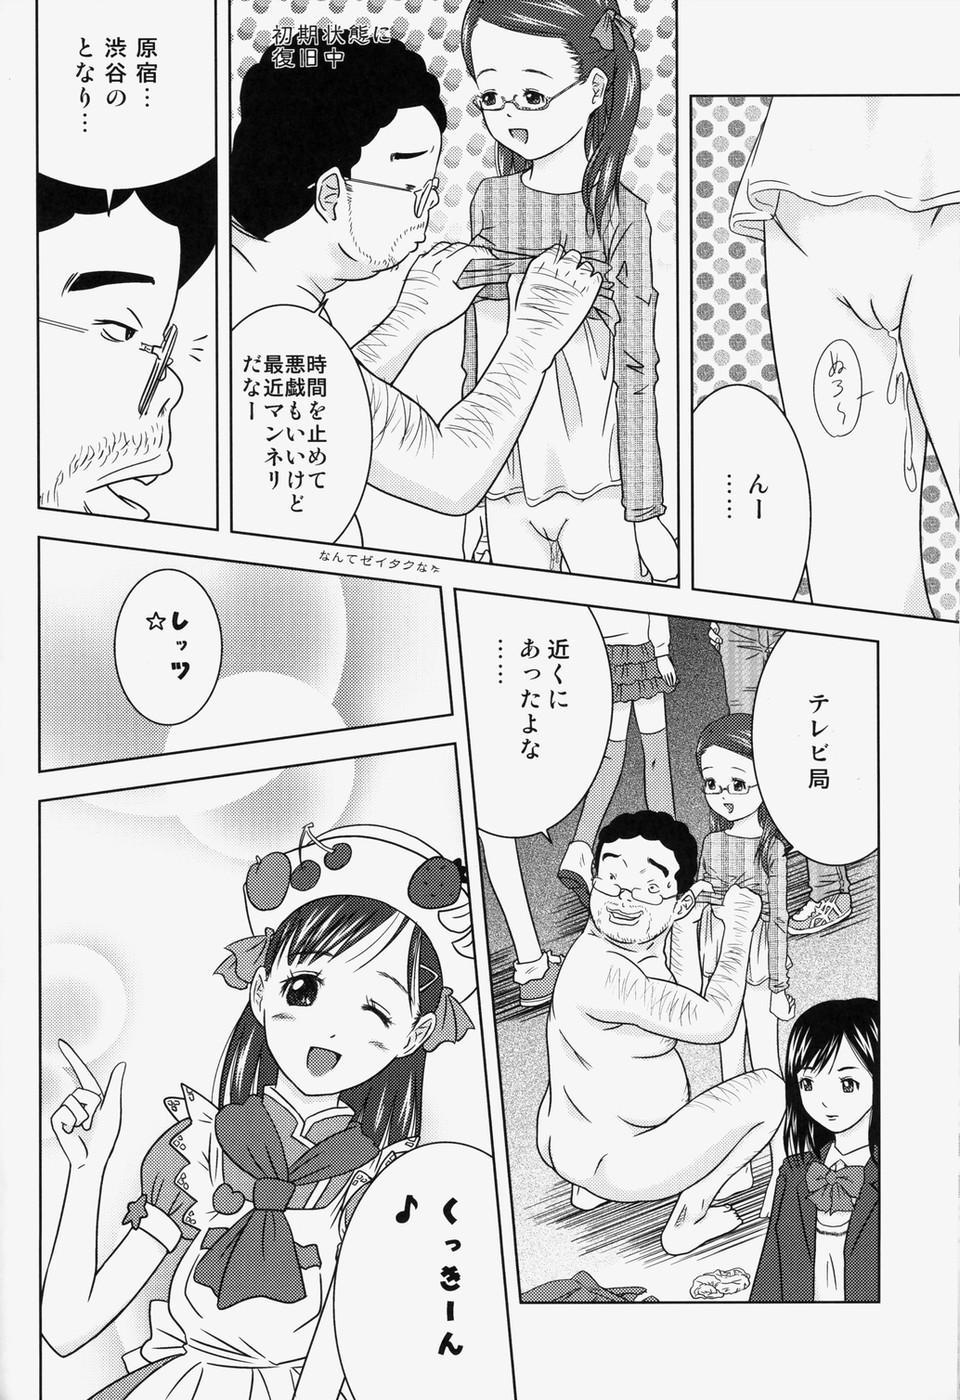 Moshimo Jikan ga Tomattara!? 2 Byou 22